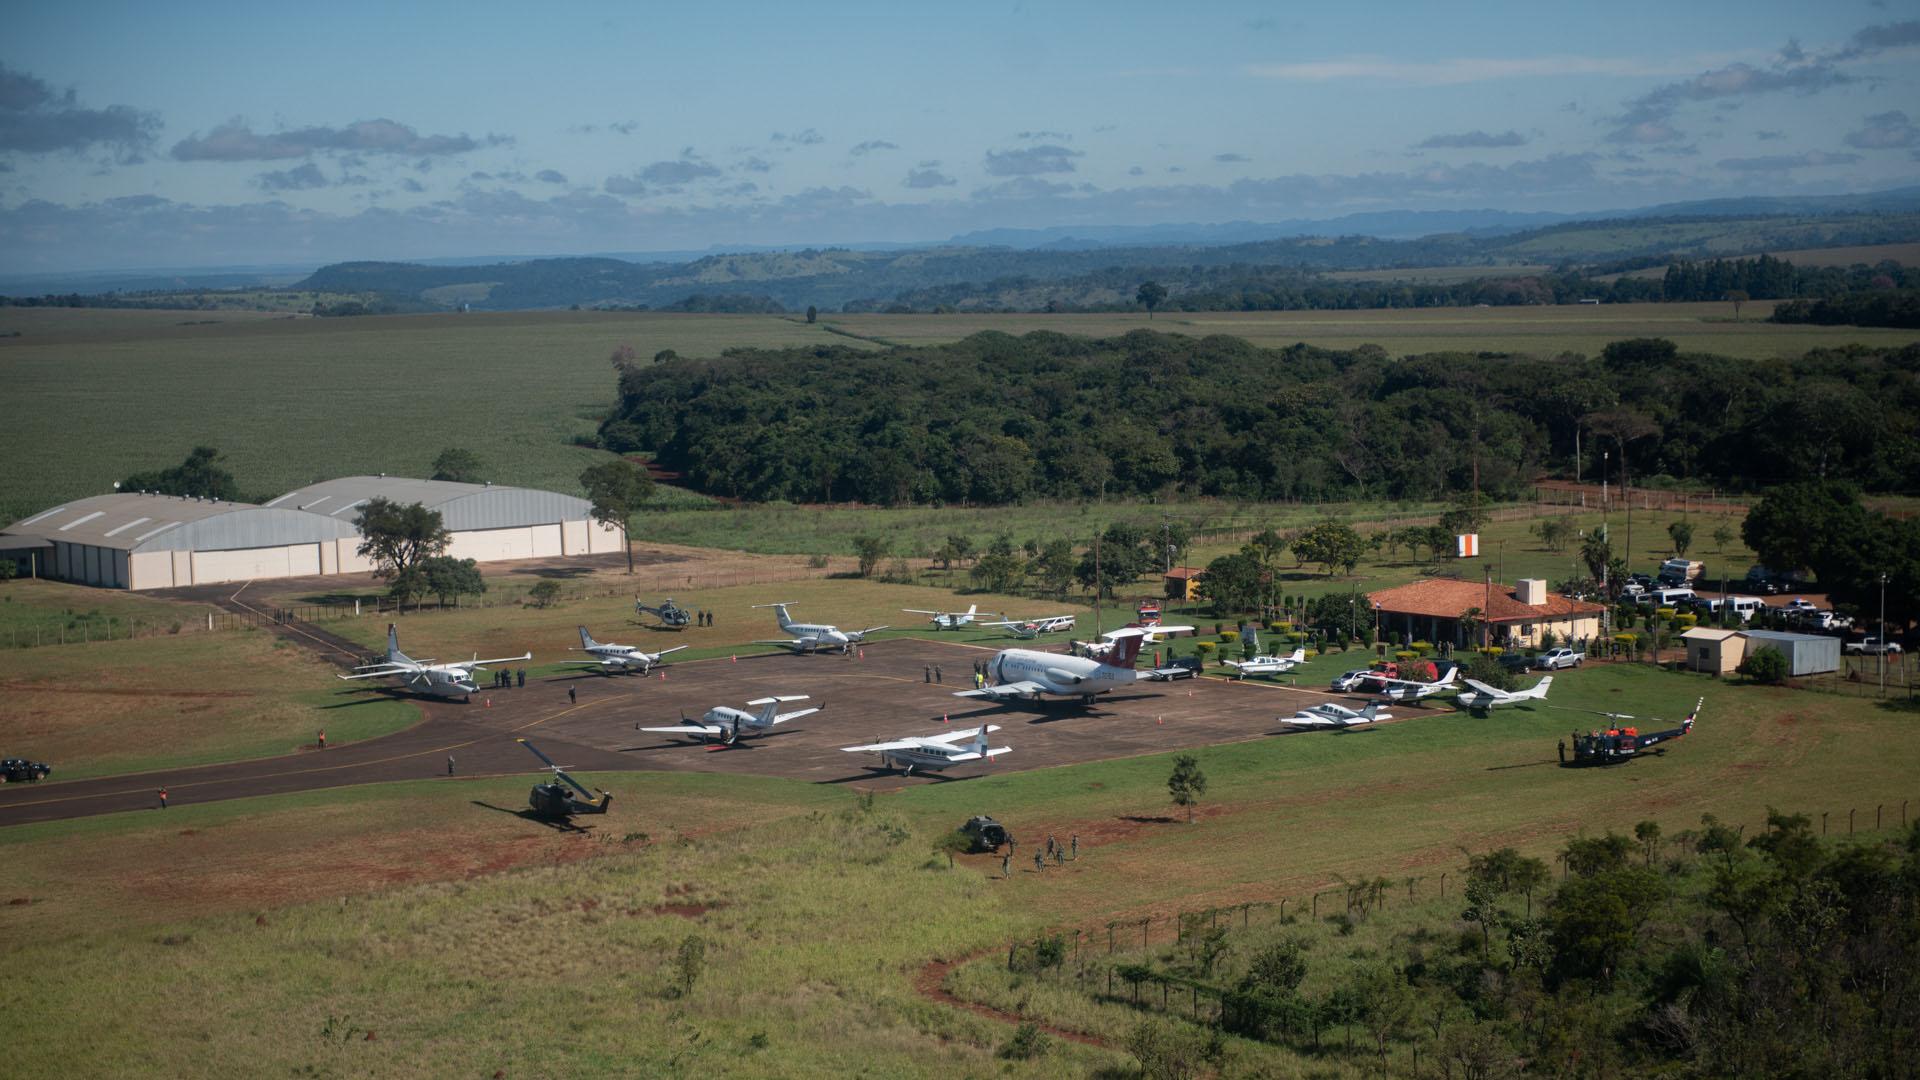 El aeropuerto de Pedro Juan Caballero.